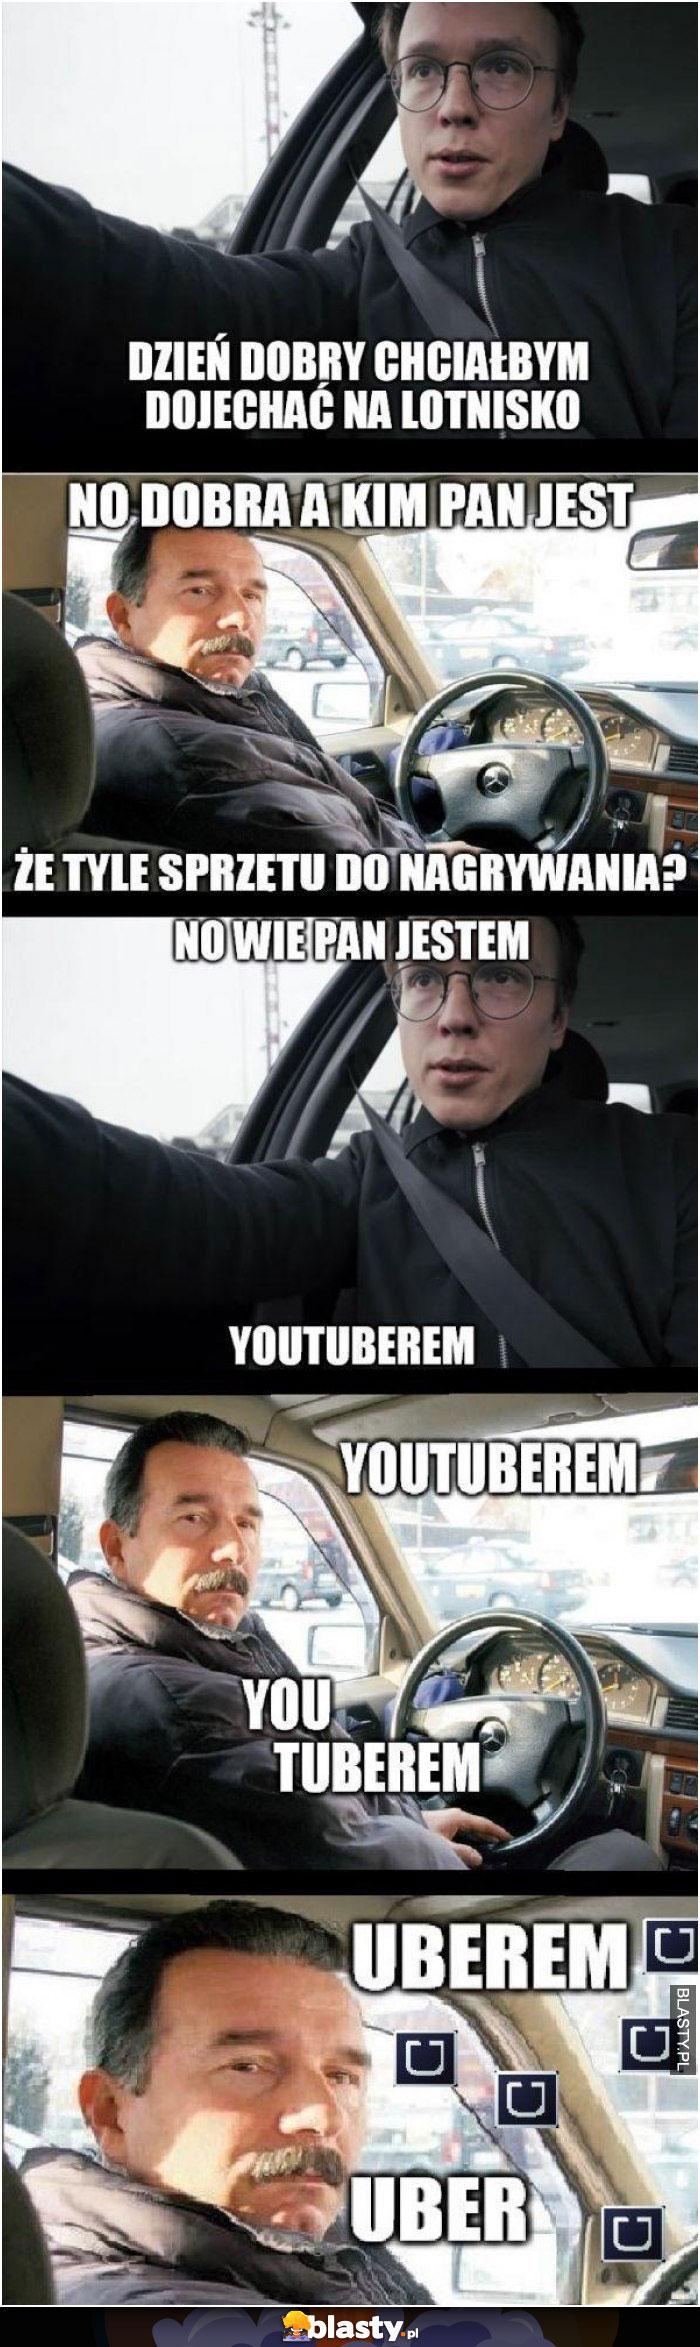 Dzień dobry chciałbym dojechać na lotnisko jestem znanym youtuberem